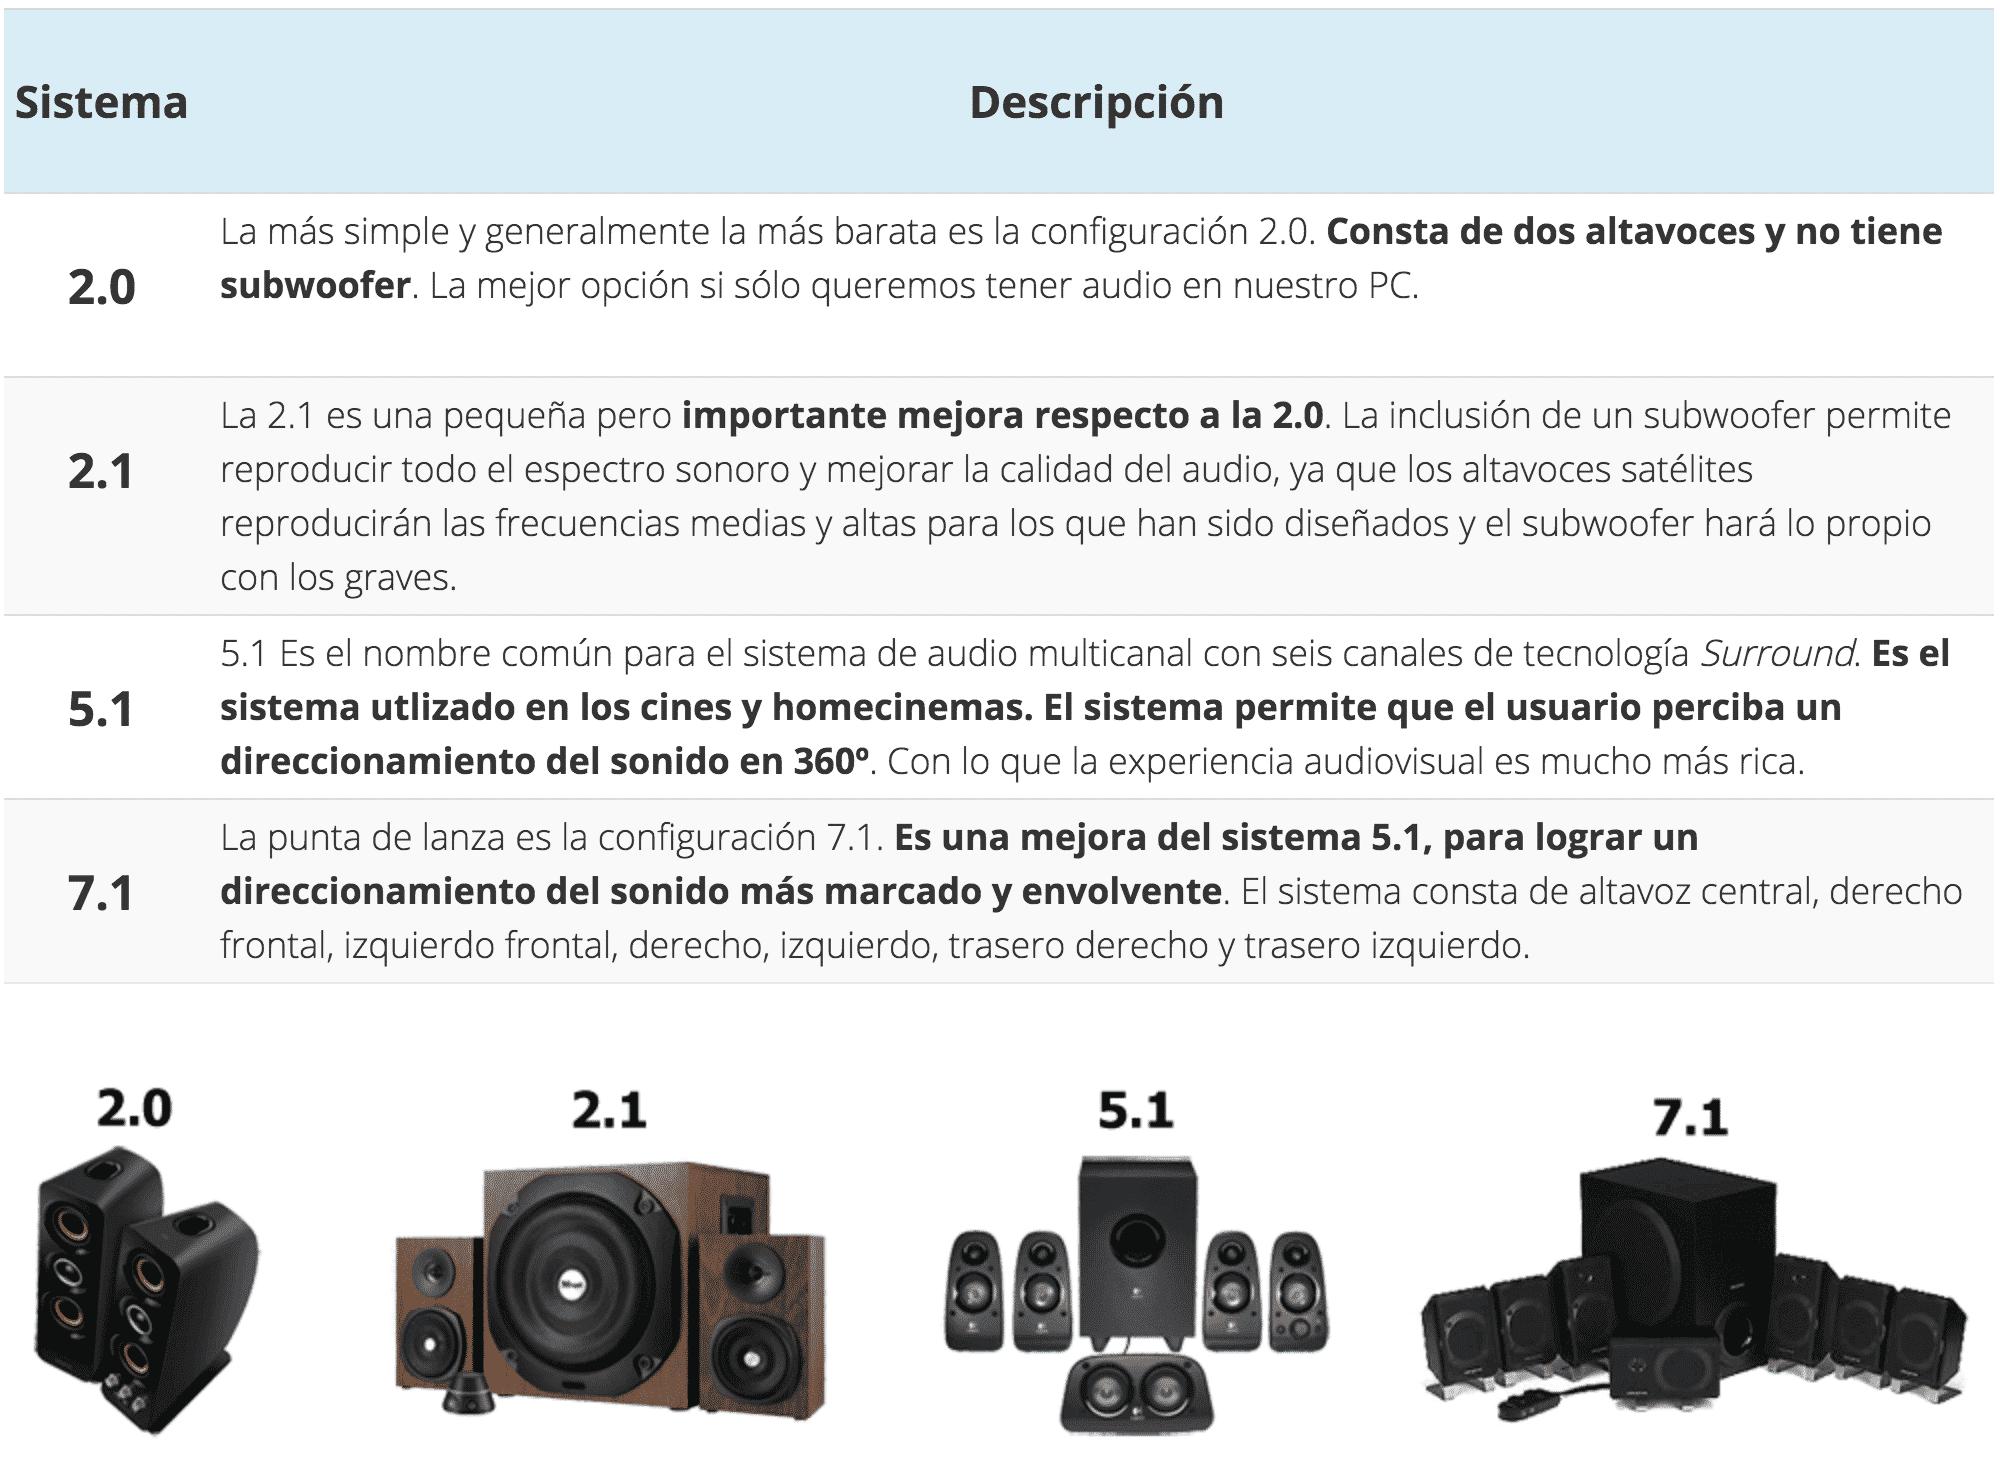 altavoces pc sistemas de sonido surround